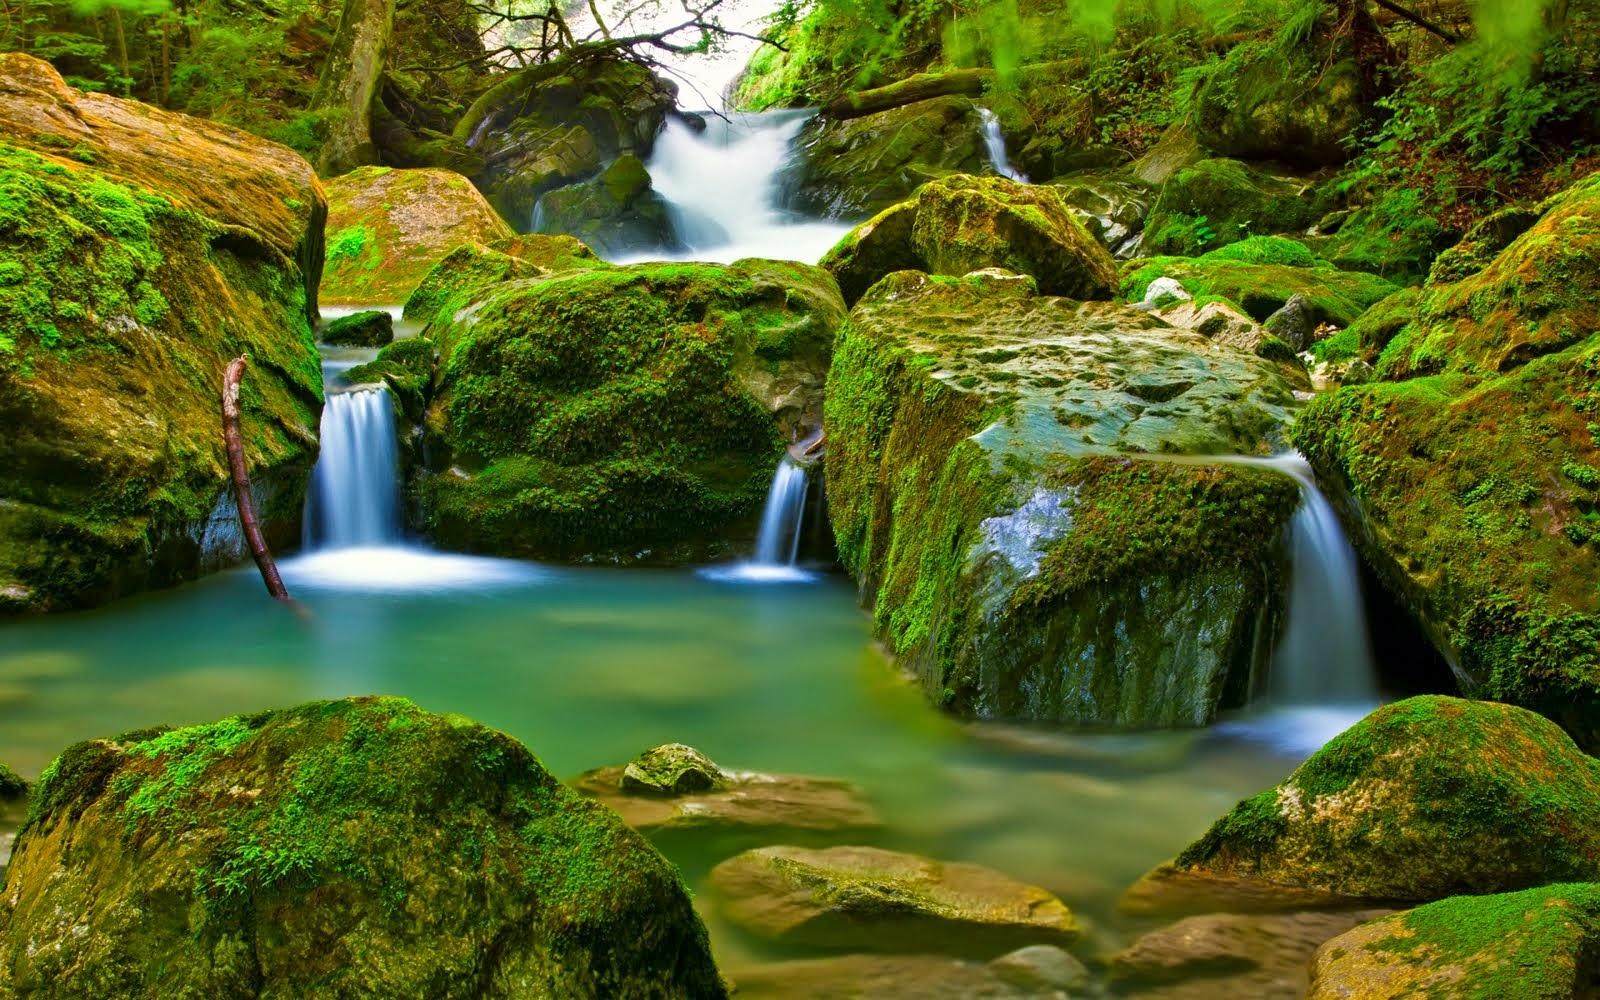 Fondos De Pantalla Colores En Banne: Plus Imagen Gratis: Paisajes Naturales Hd. Colores Vivos